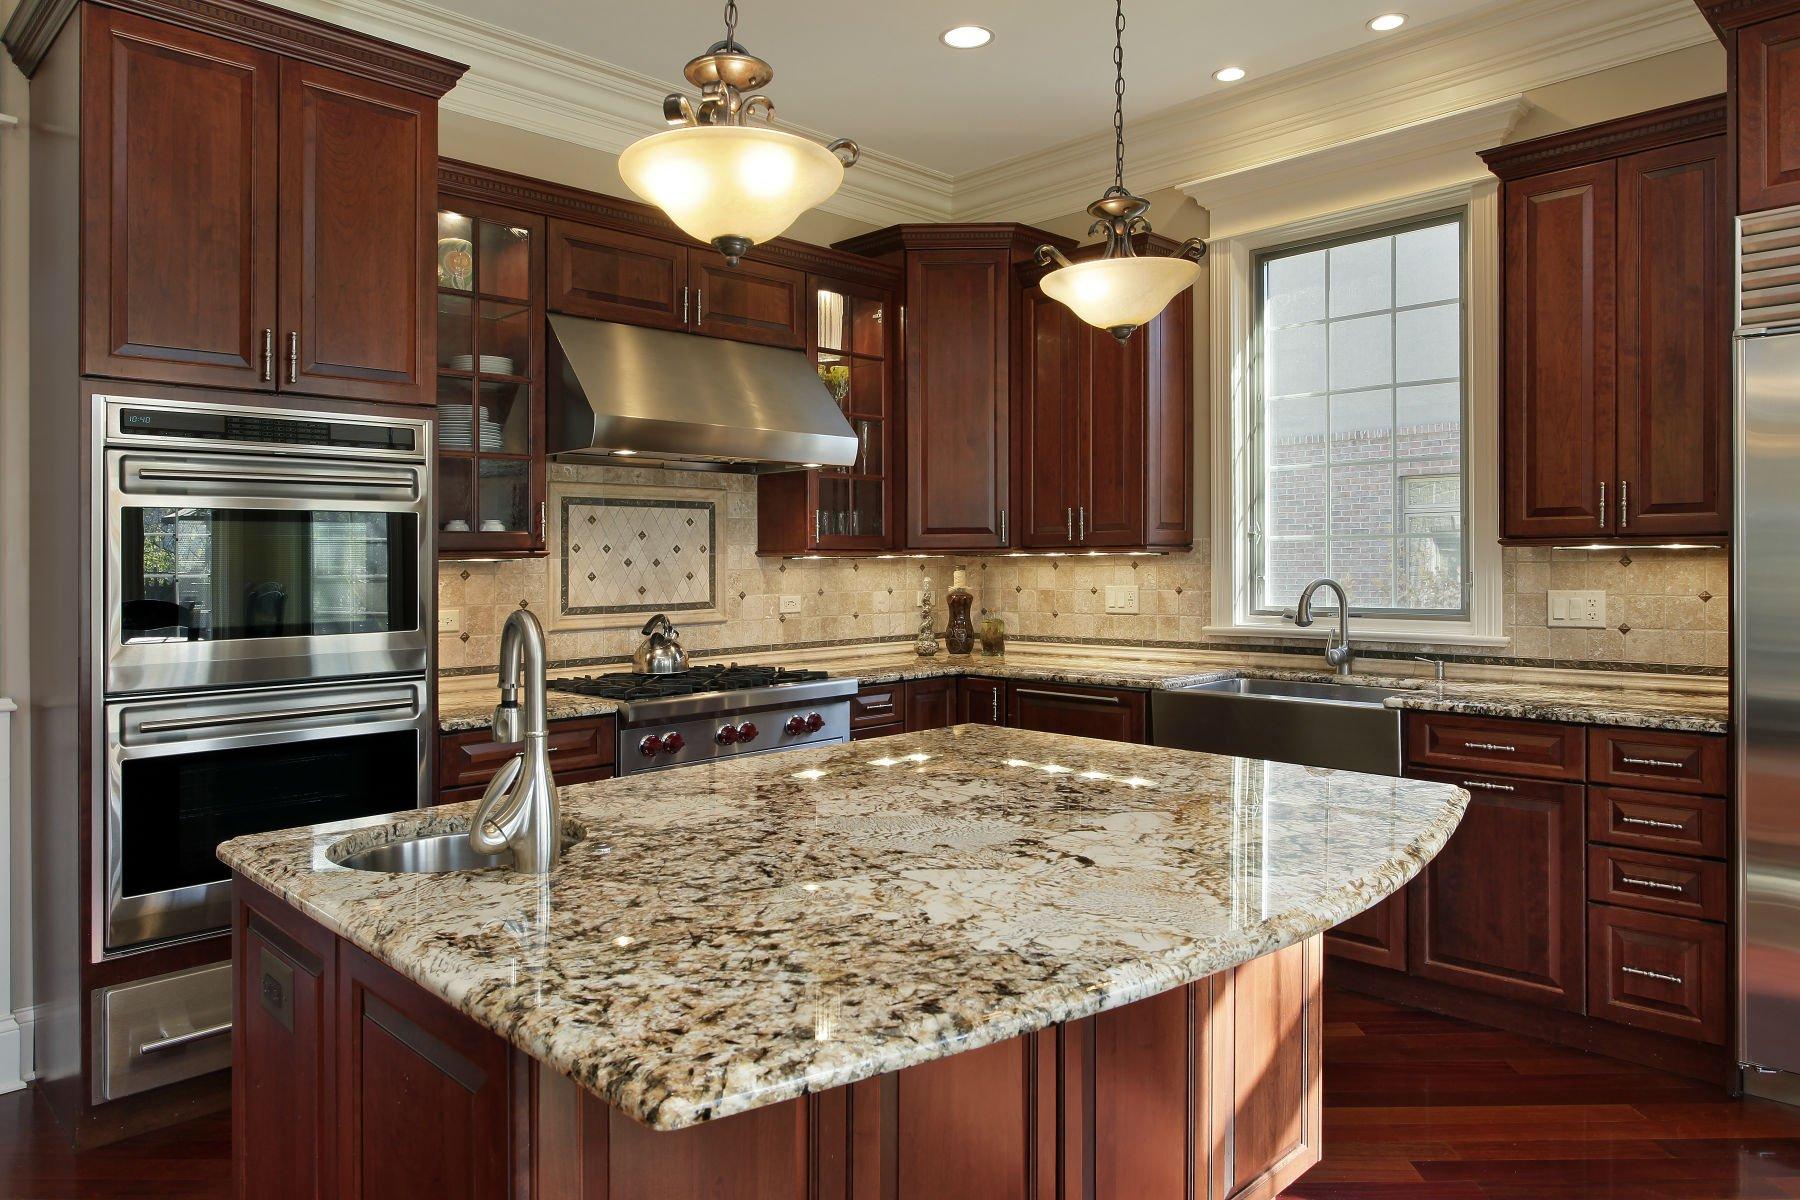 una cucina con penisola in marmo